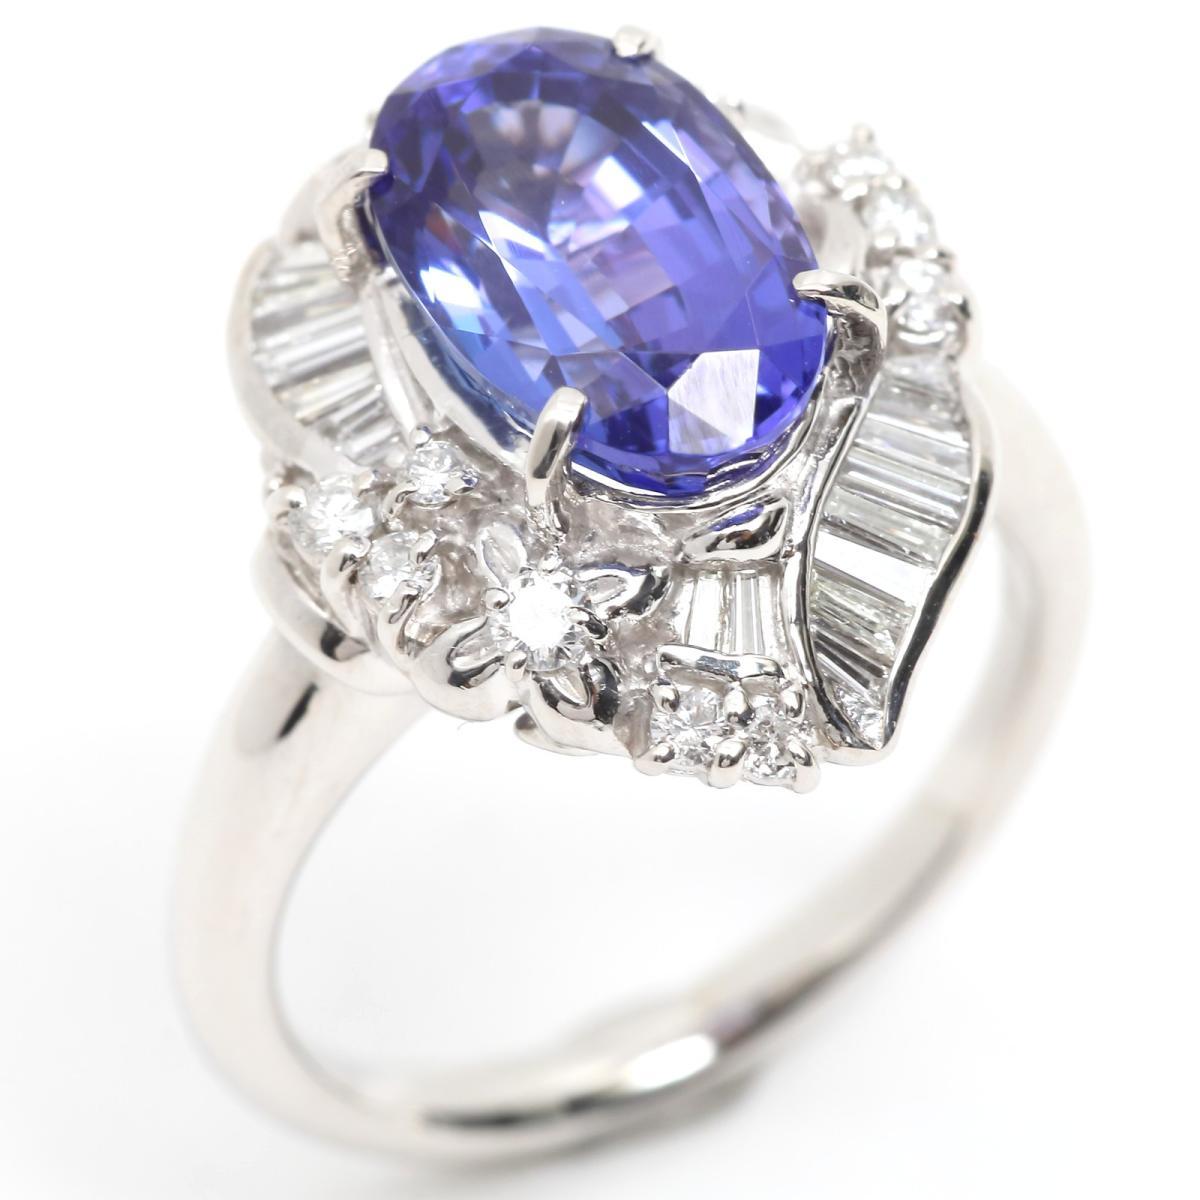 トップ ジュエリー タンザナイト ダイヤモンド リング指輪 ノーブランドジュエリー レディース PT900 プラチナ リング指輪 x リング タンザナイト (3.59ct) (0.43ct)【】 | JEWELRY BRANDOFF ブランドオフ アクセサリー 指輪 リング, 健康セレクション:78a4f87c --- newplan.com